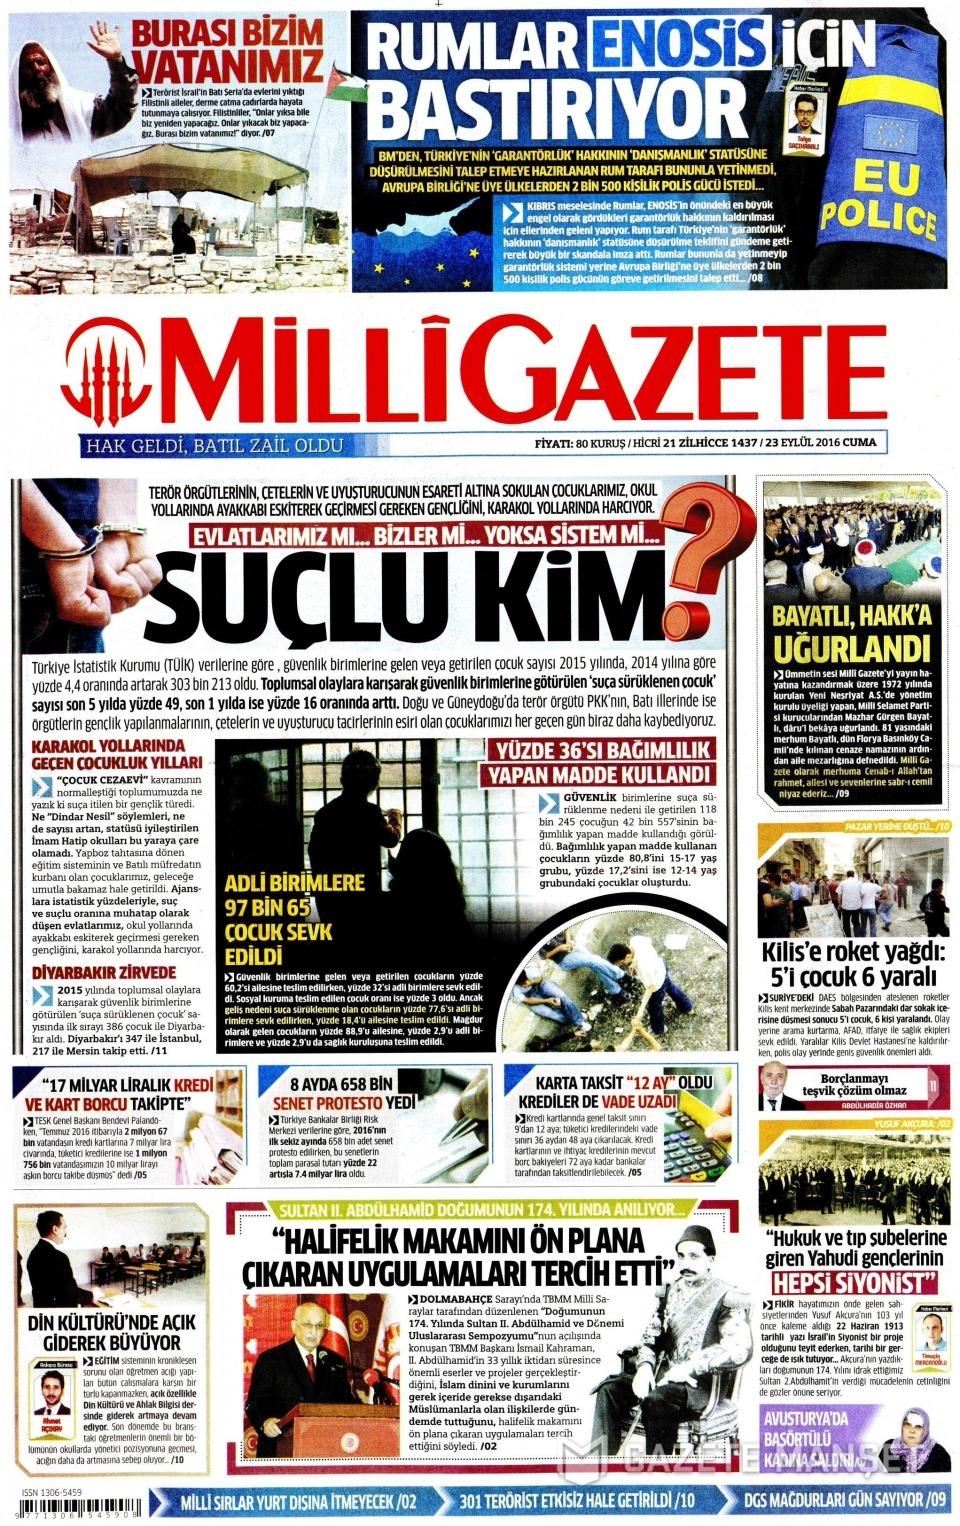 23 Eylül Cuma gazete manşetleri 10